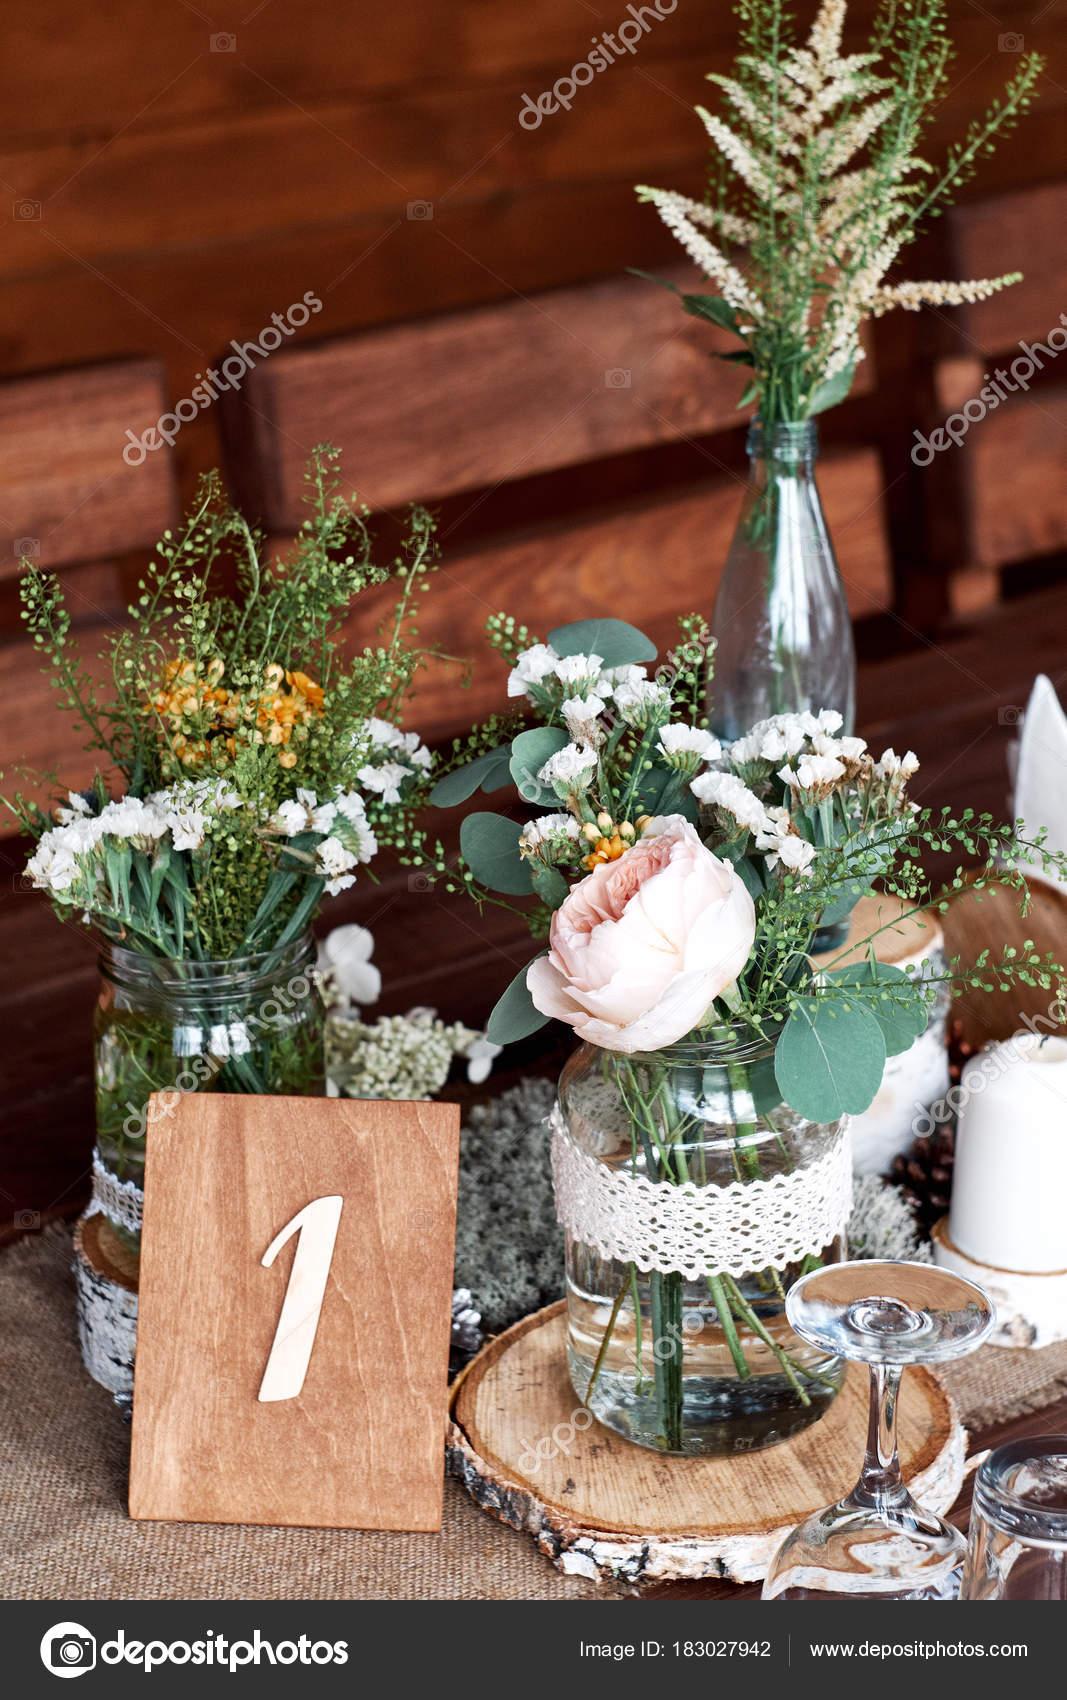 Decoration Table Avec Des Fleurs Fraiches Dans Des Jarres Bougie